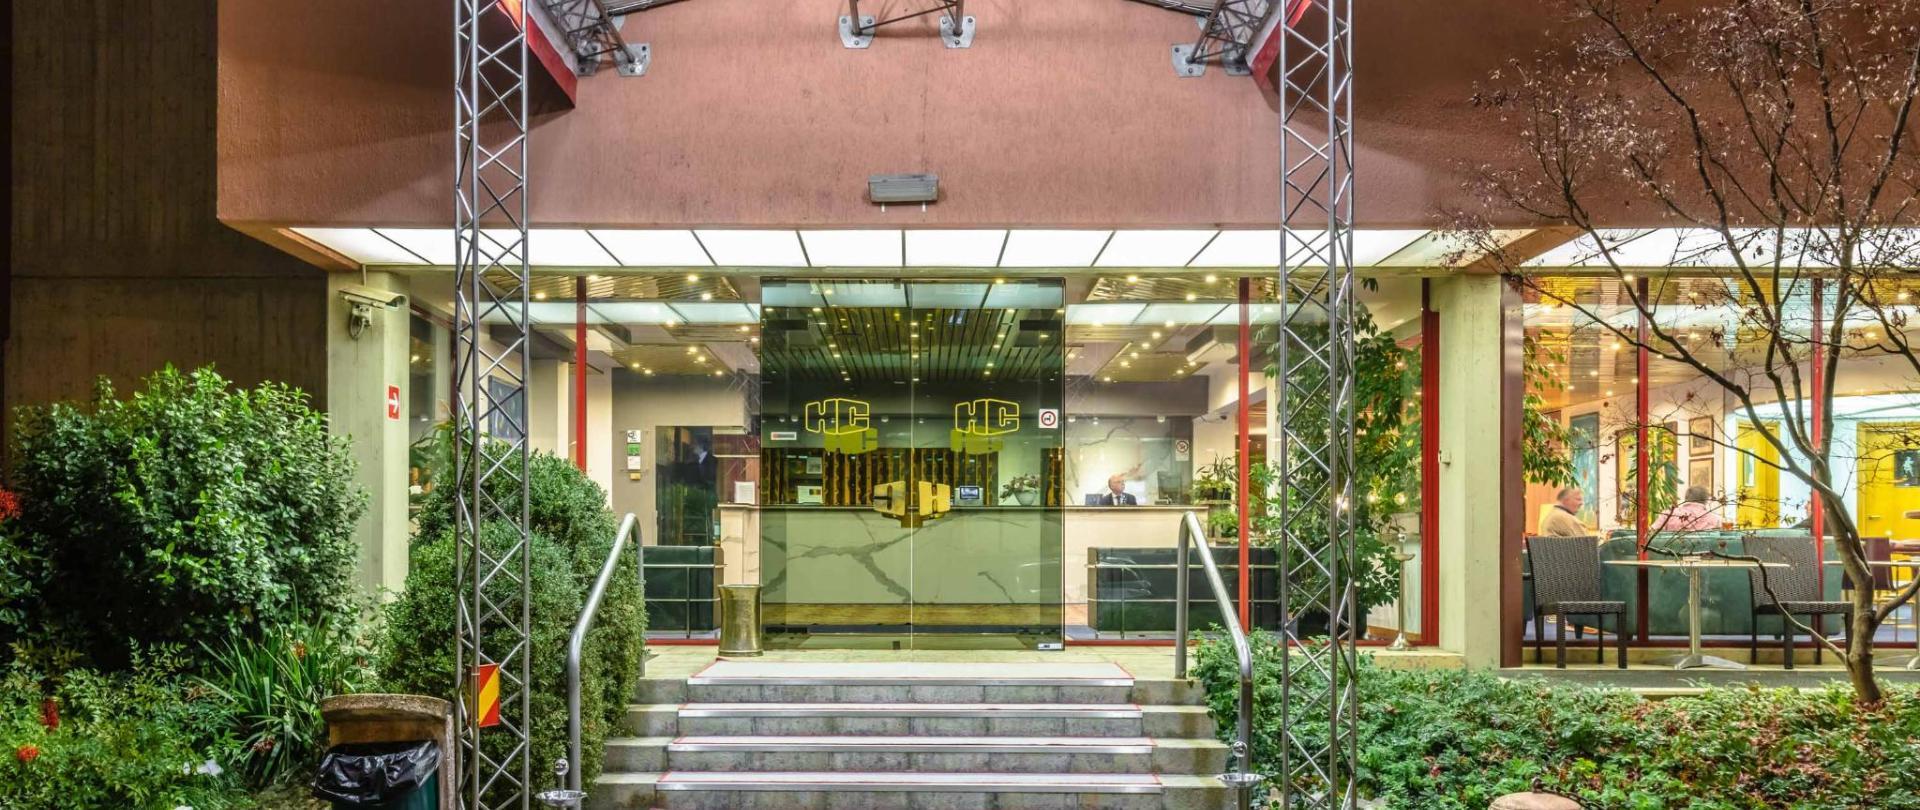 hotel-reggio-emilia-99.jpg